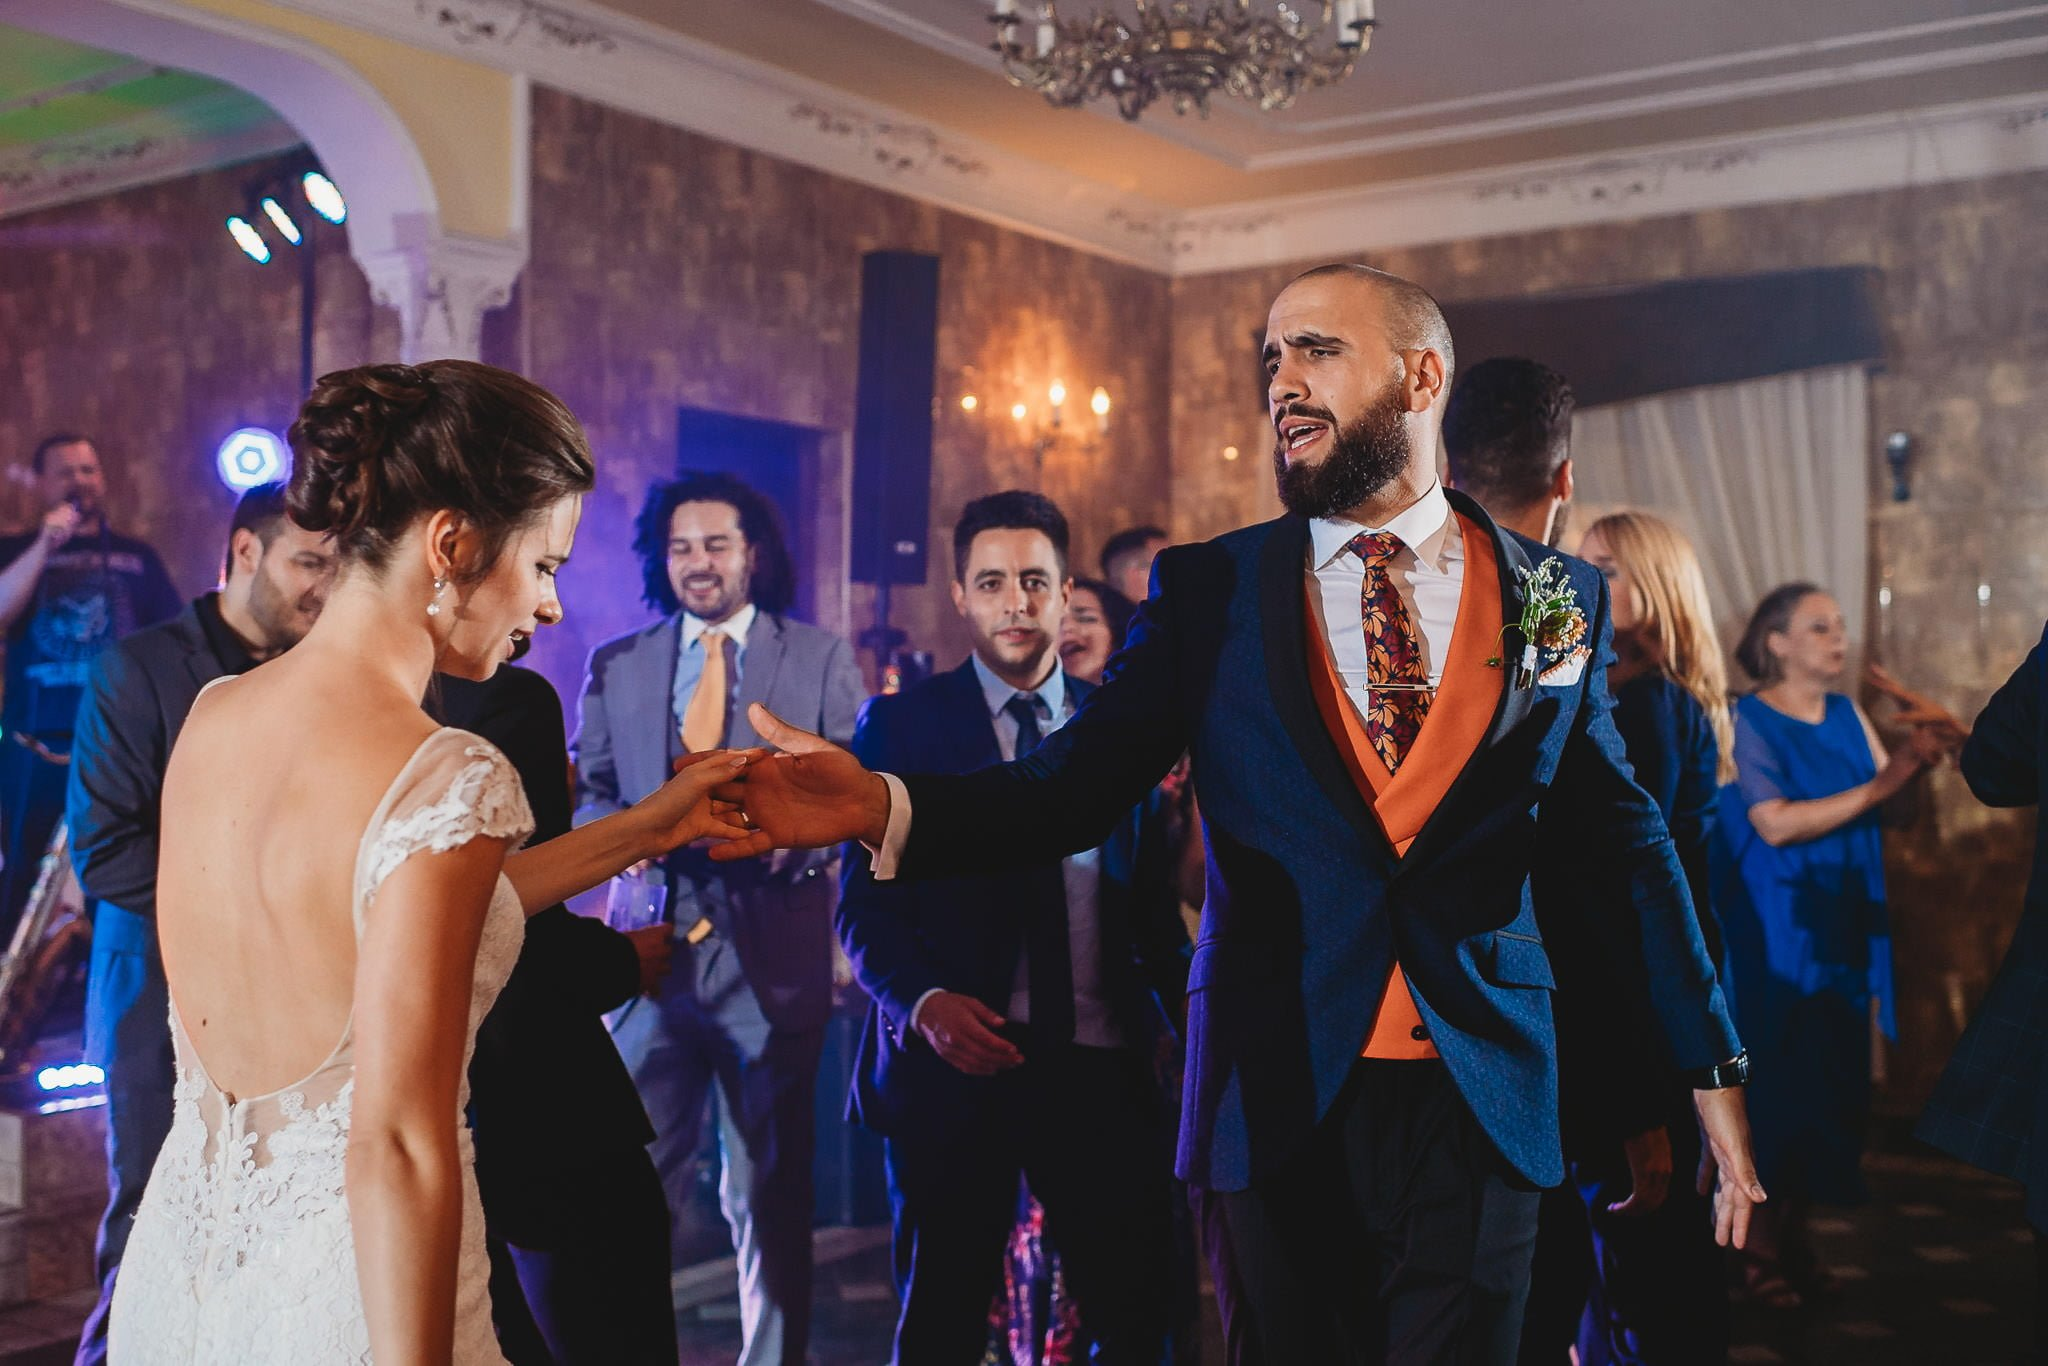 pan młody, panna młoda, zabawa weselna, przyjęcie weselne, Jarocin